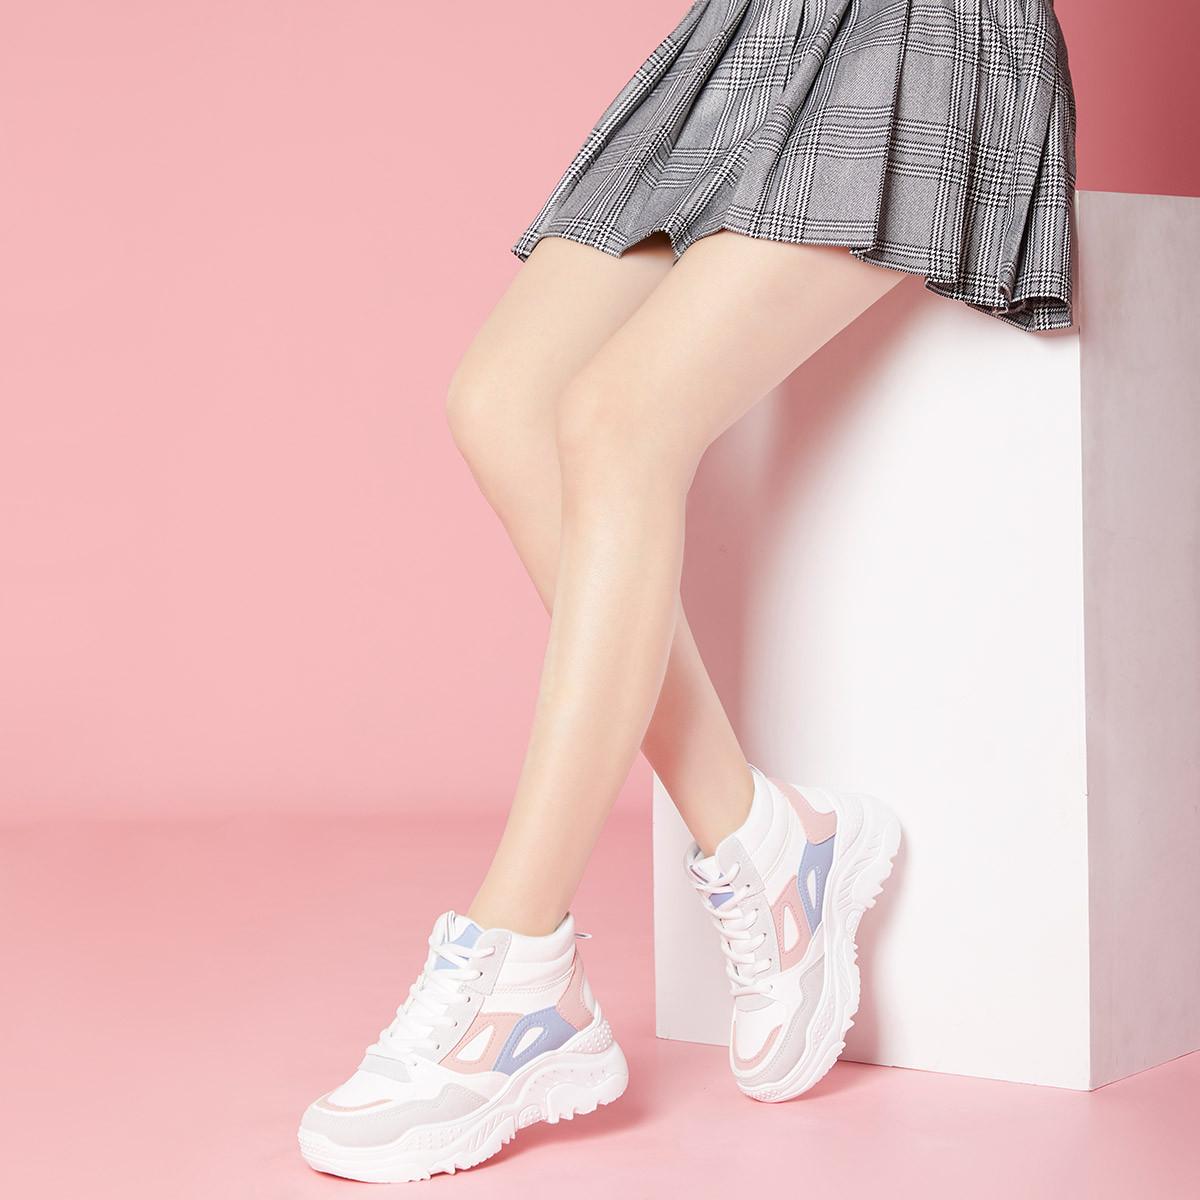 图思龙2019新款时尚运动休闲潮靴女士高帮鞋女短靴女鞋5735B831